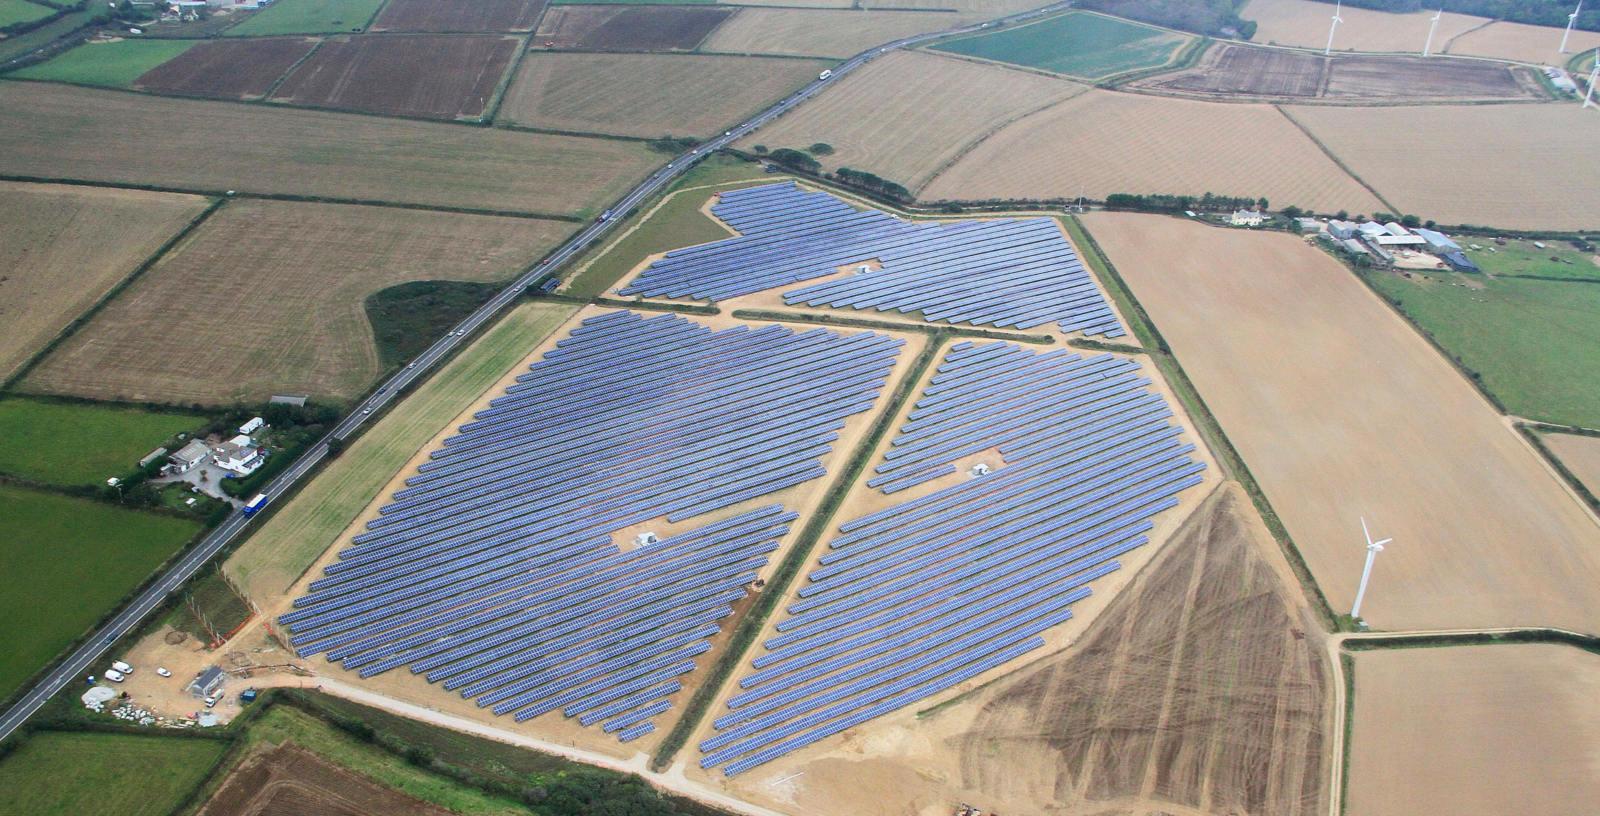 Four_Burrows_Photovoltaic_Plant_UK_Jackson_IDOM_001